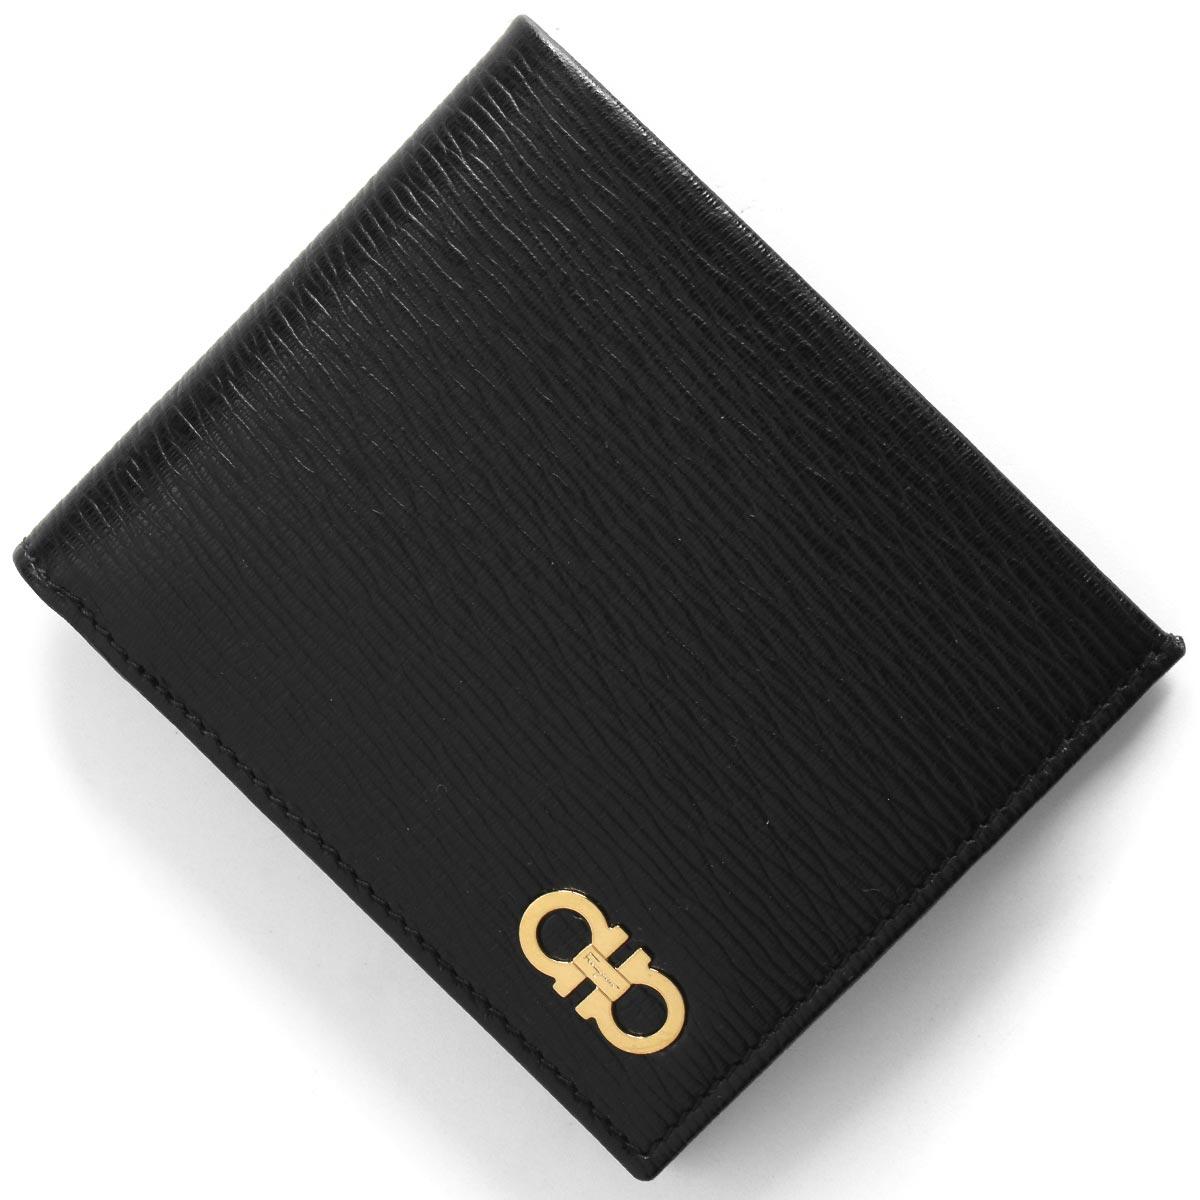 フェラガモ 二つ折り財布 財布 メンズ リバイバル ダブル ガンチーニ ブラック 66A065 NERO 0685980 SALVATORE FERRAGAMO